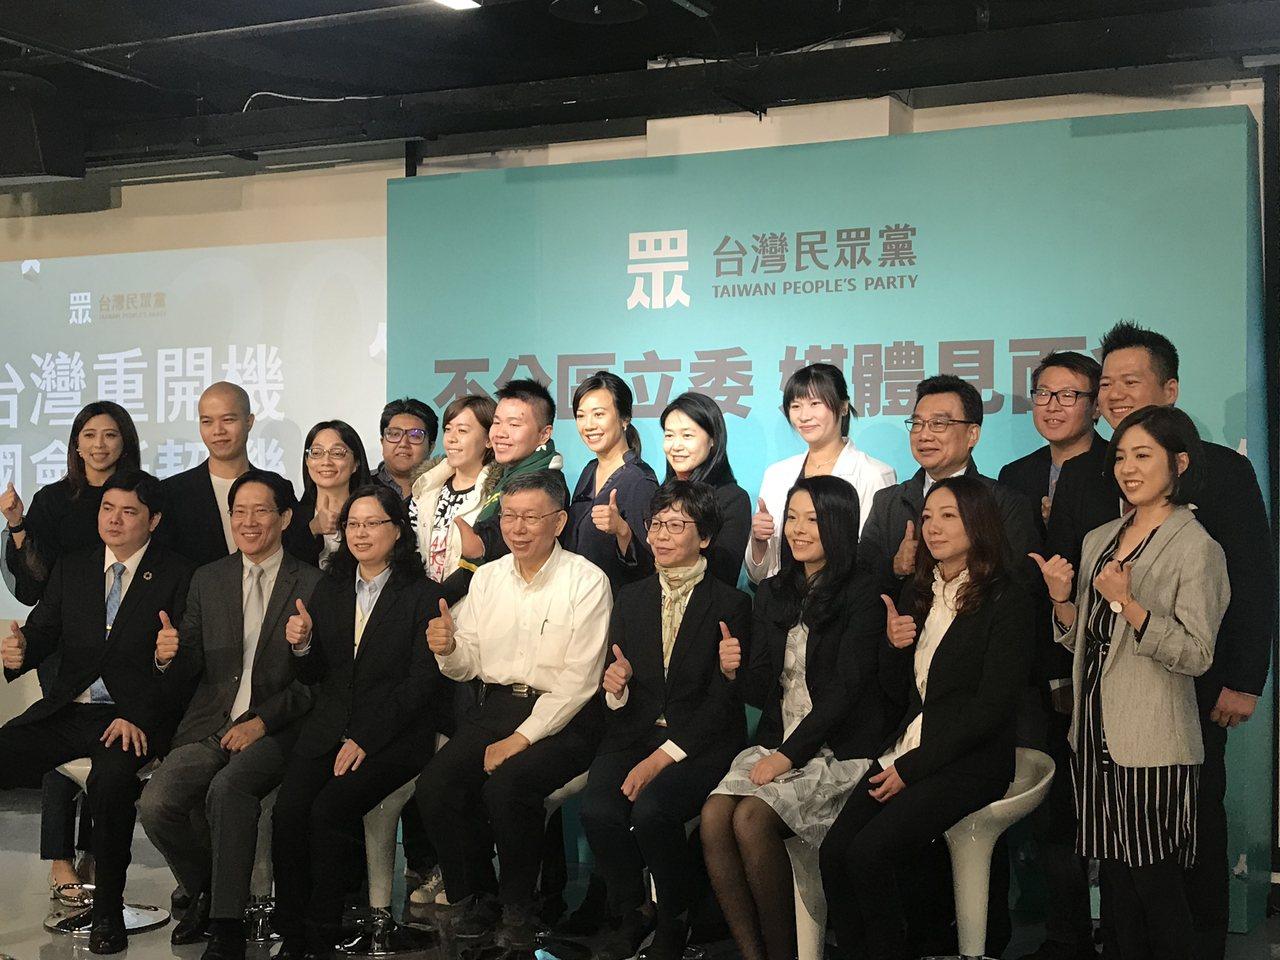 台灣民眾黨昨舉辦不分區立委提名人的媒體見面會,排序前15位的不分區立委提名人和部...